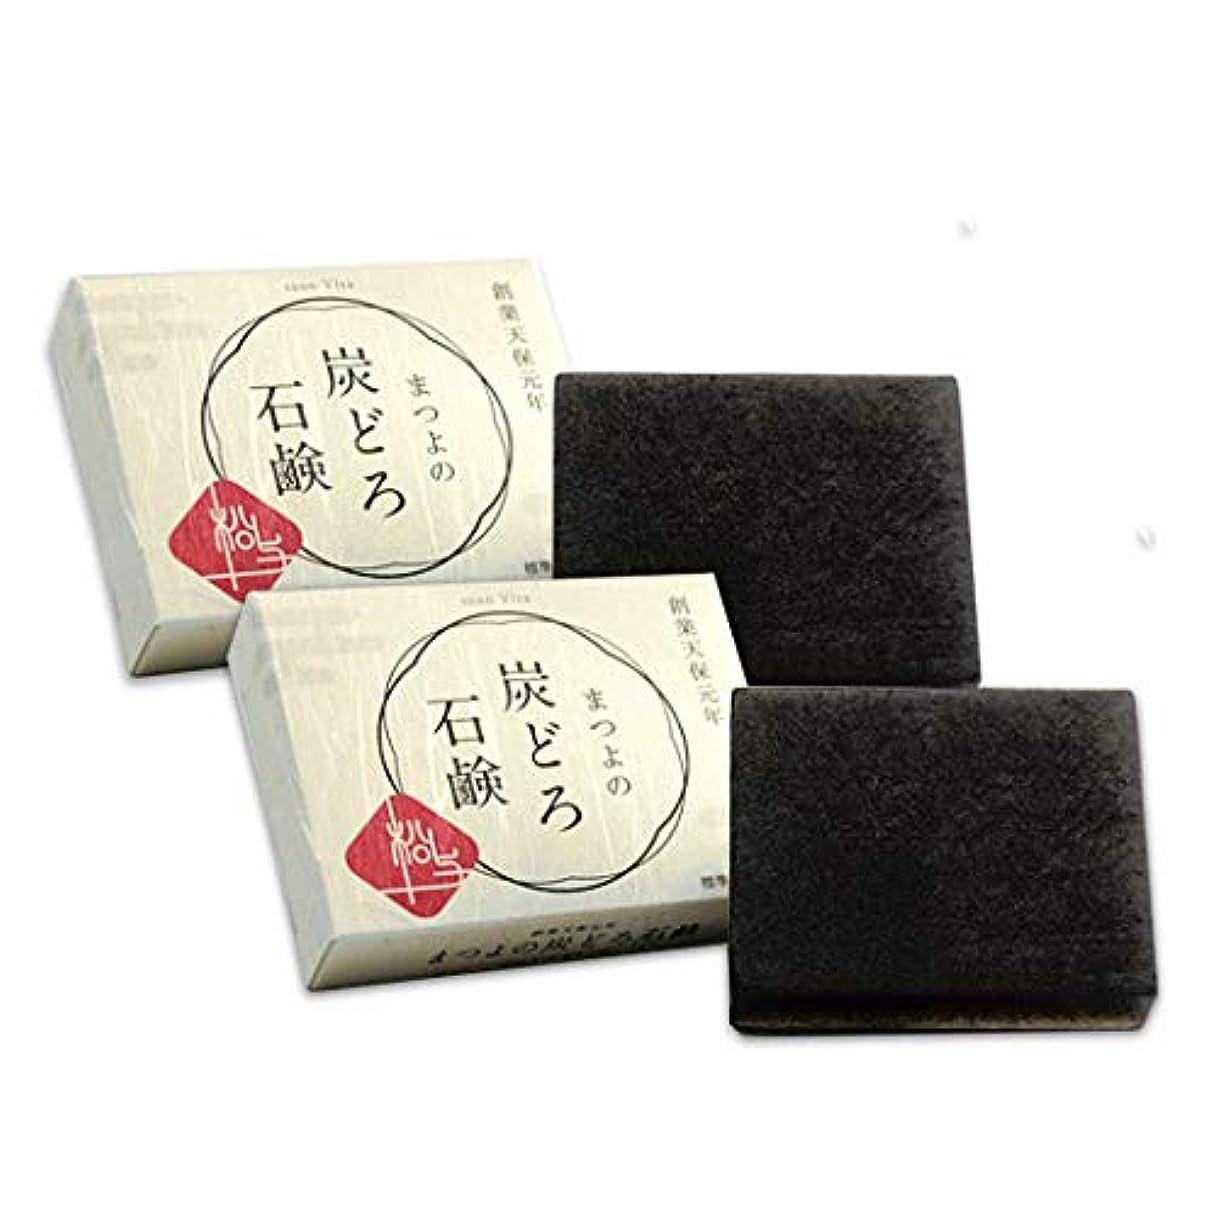 円周受粉者間に合わせVITA(ヴィータ) 石鹸 EM140 70g×2個入り